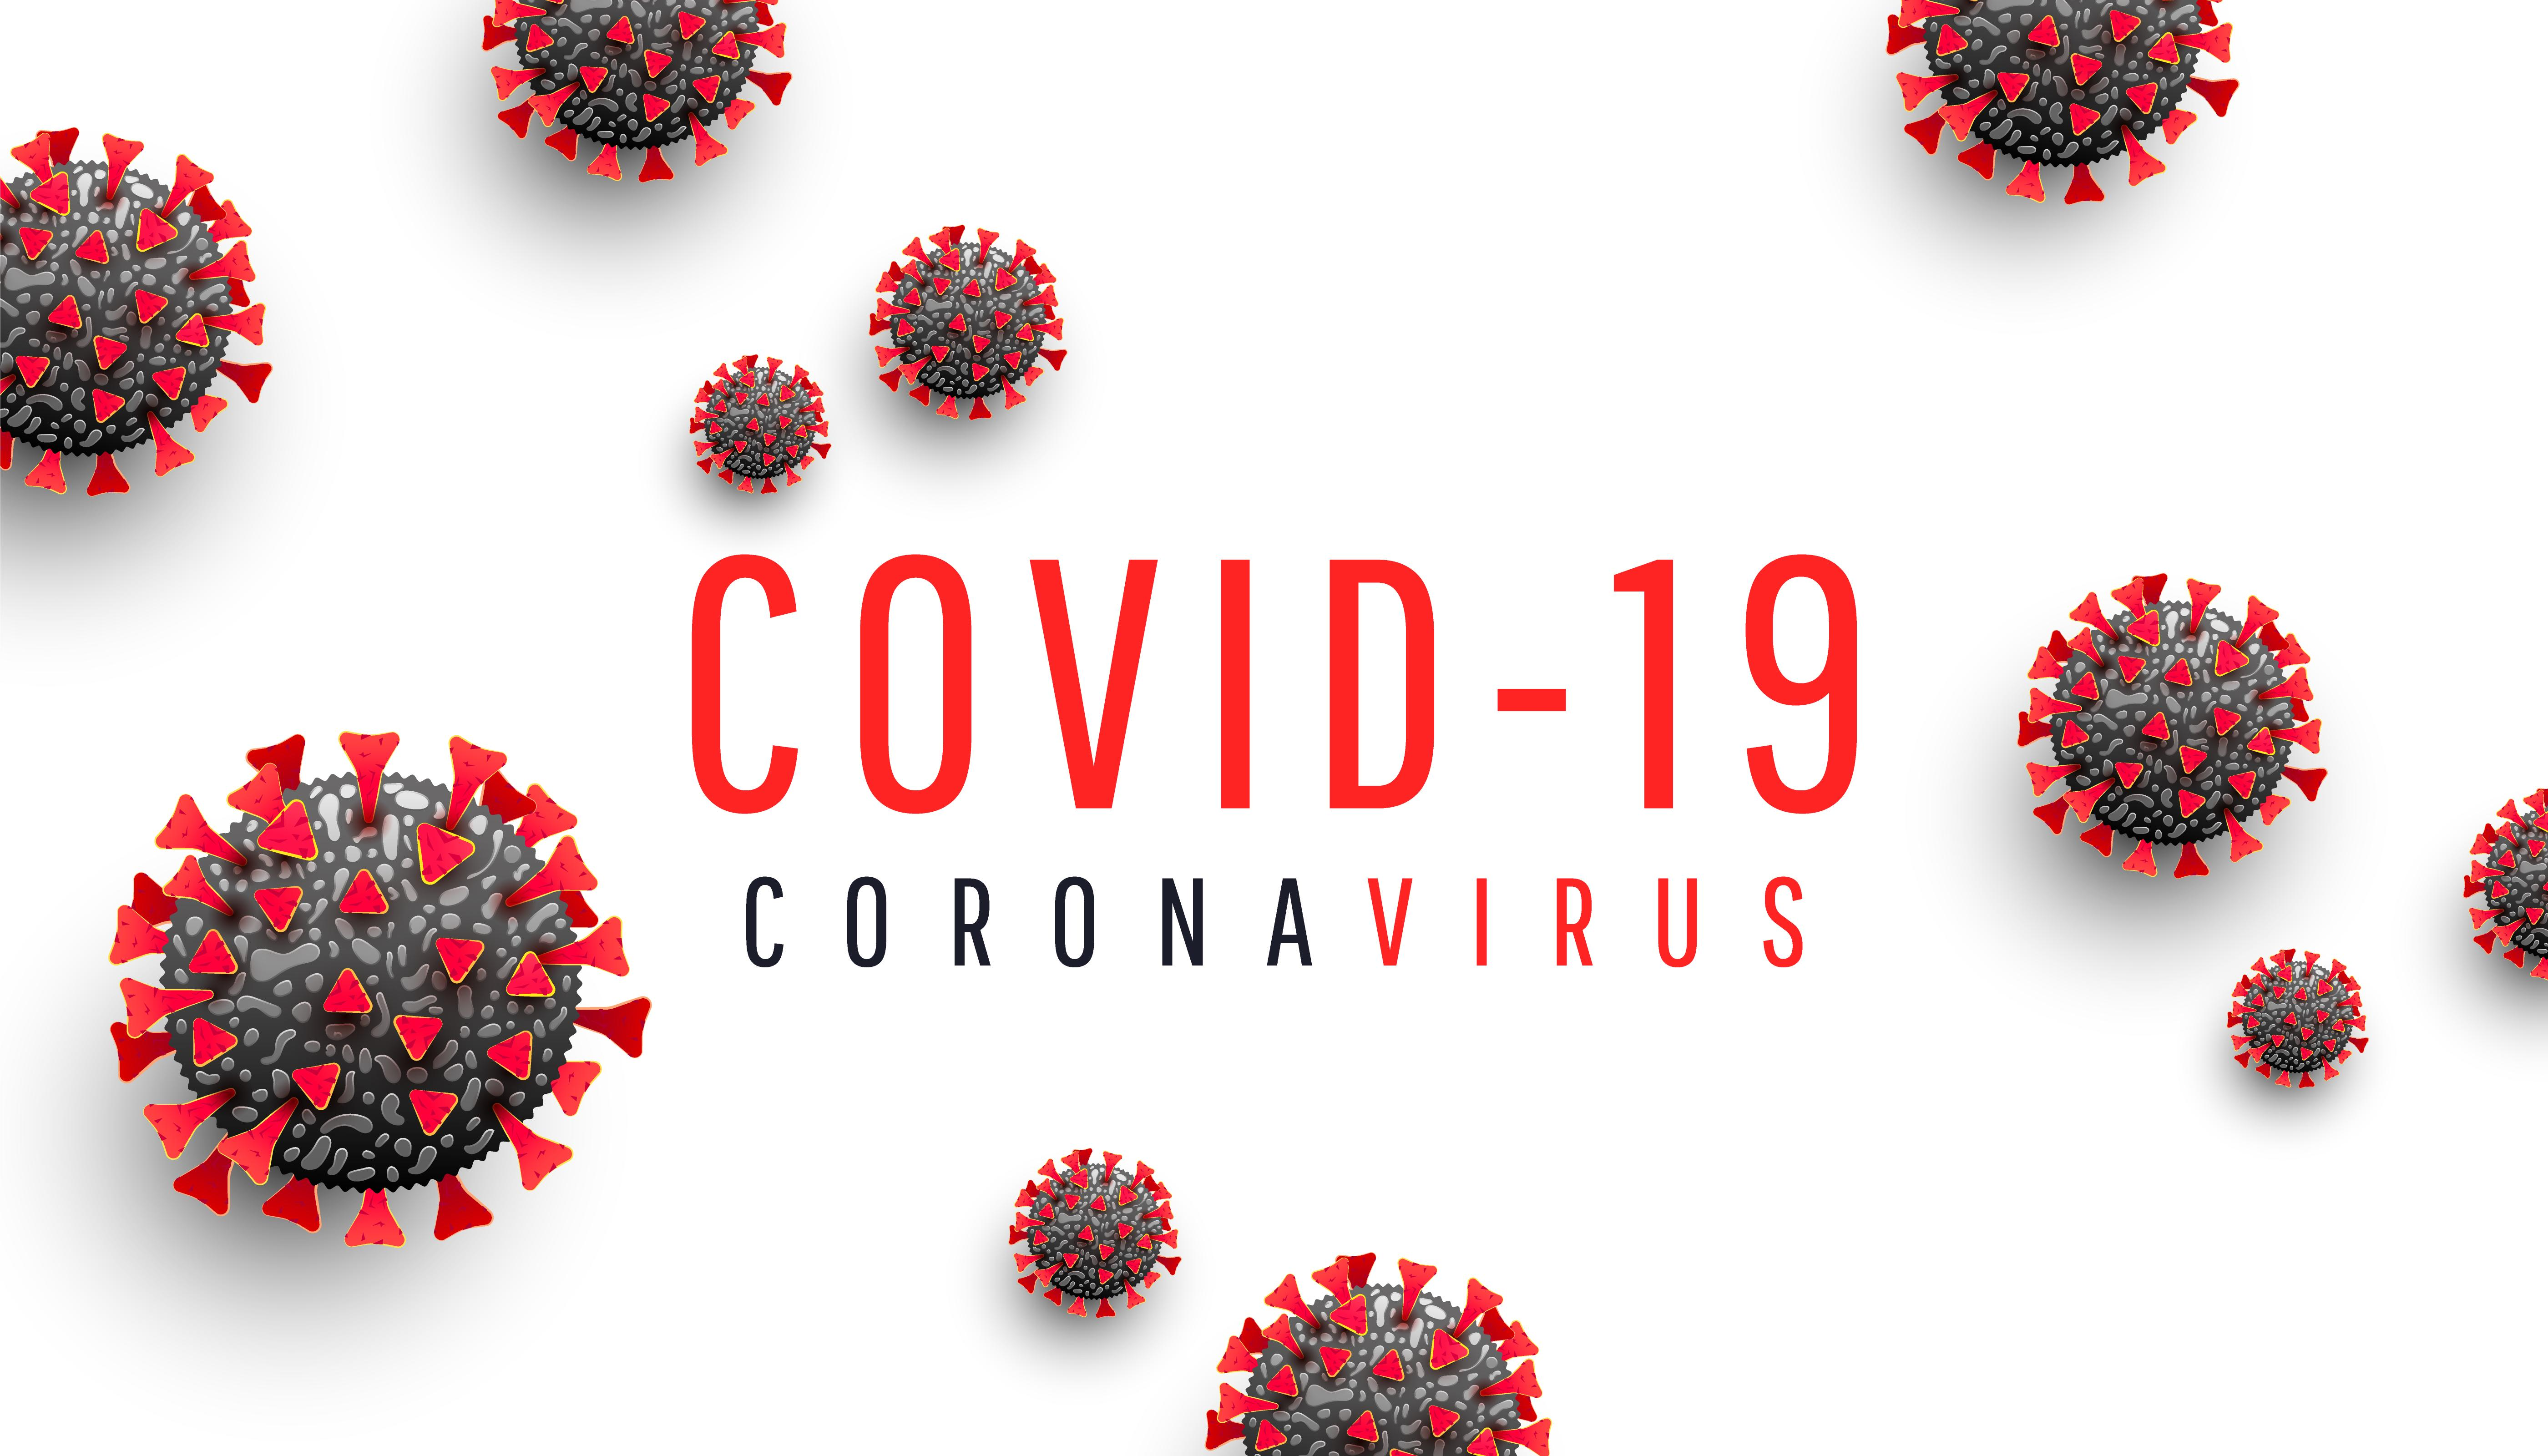 「冠狀病毒」像皇冠?盤點常見疫症英文詞彙